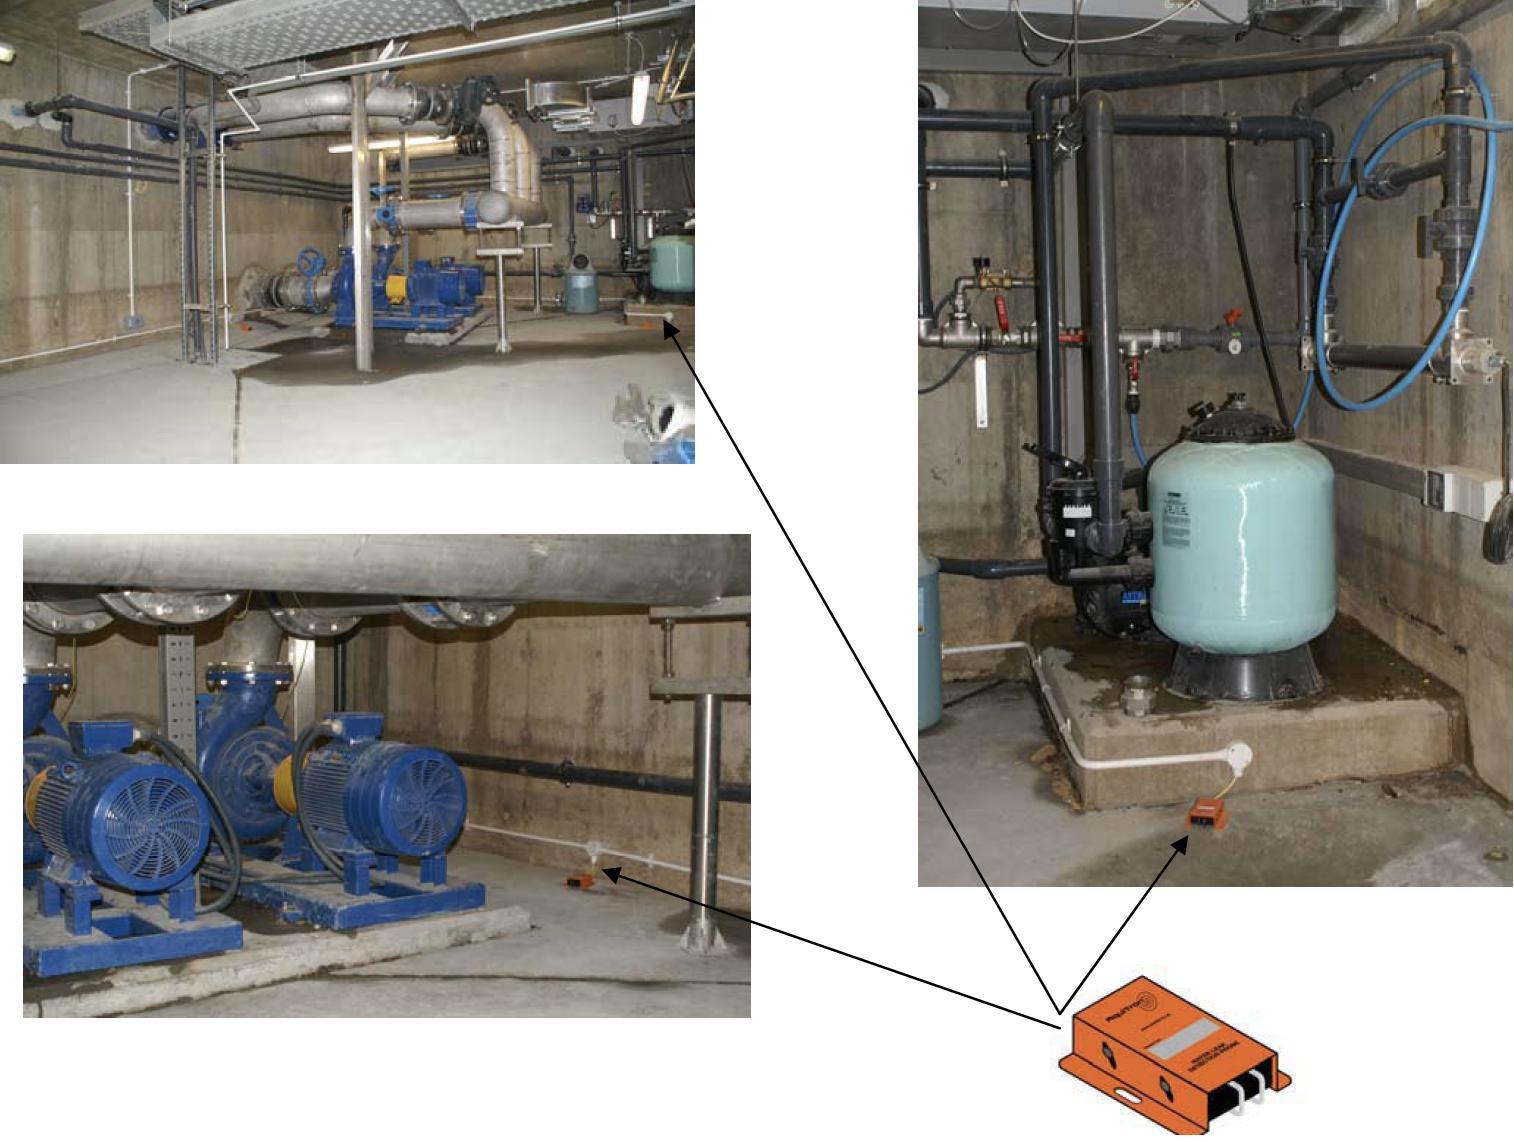 Pomieszczenie z pompami, detekcja wycieków wody za pomocąTT-PROBE